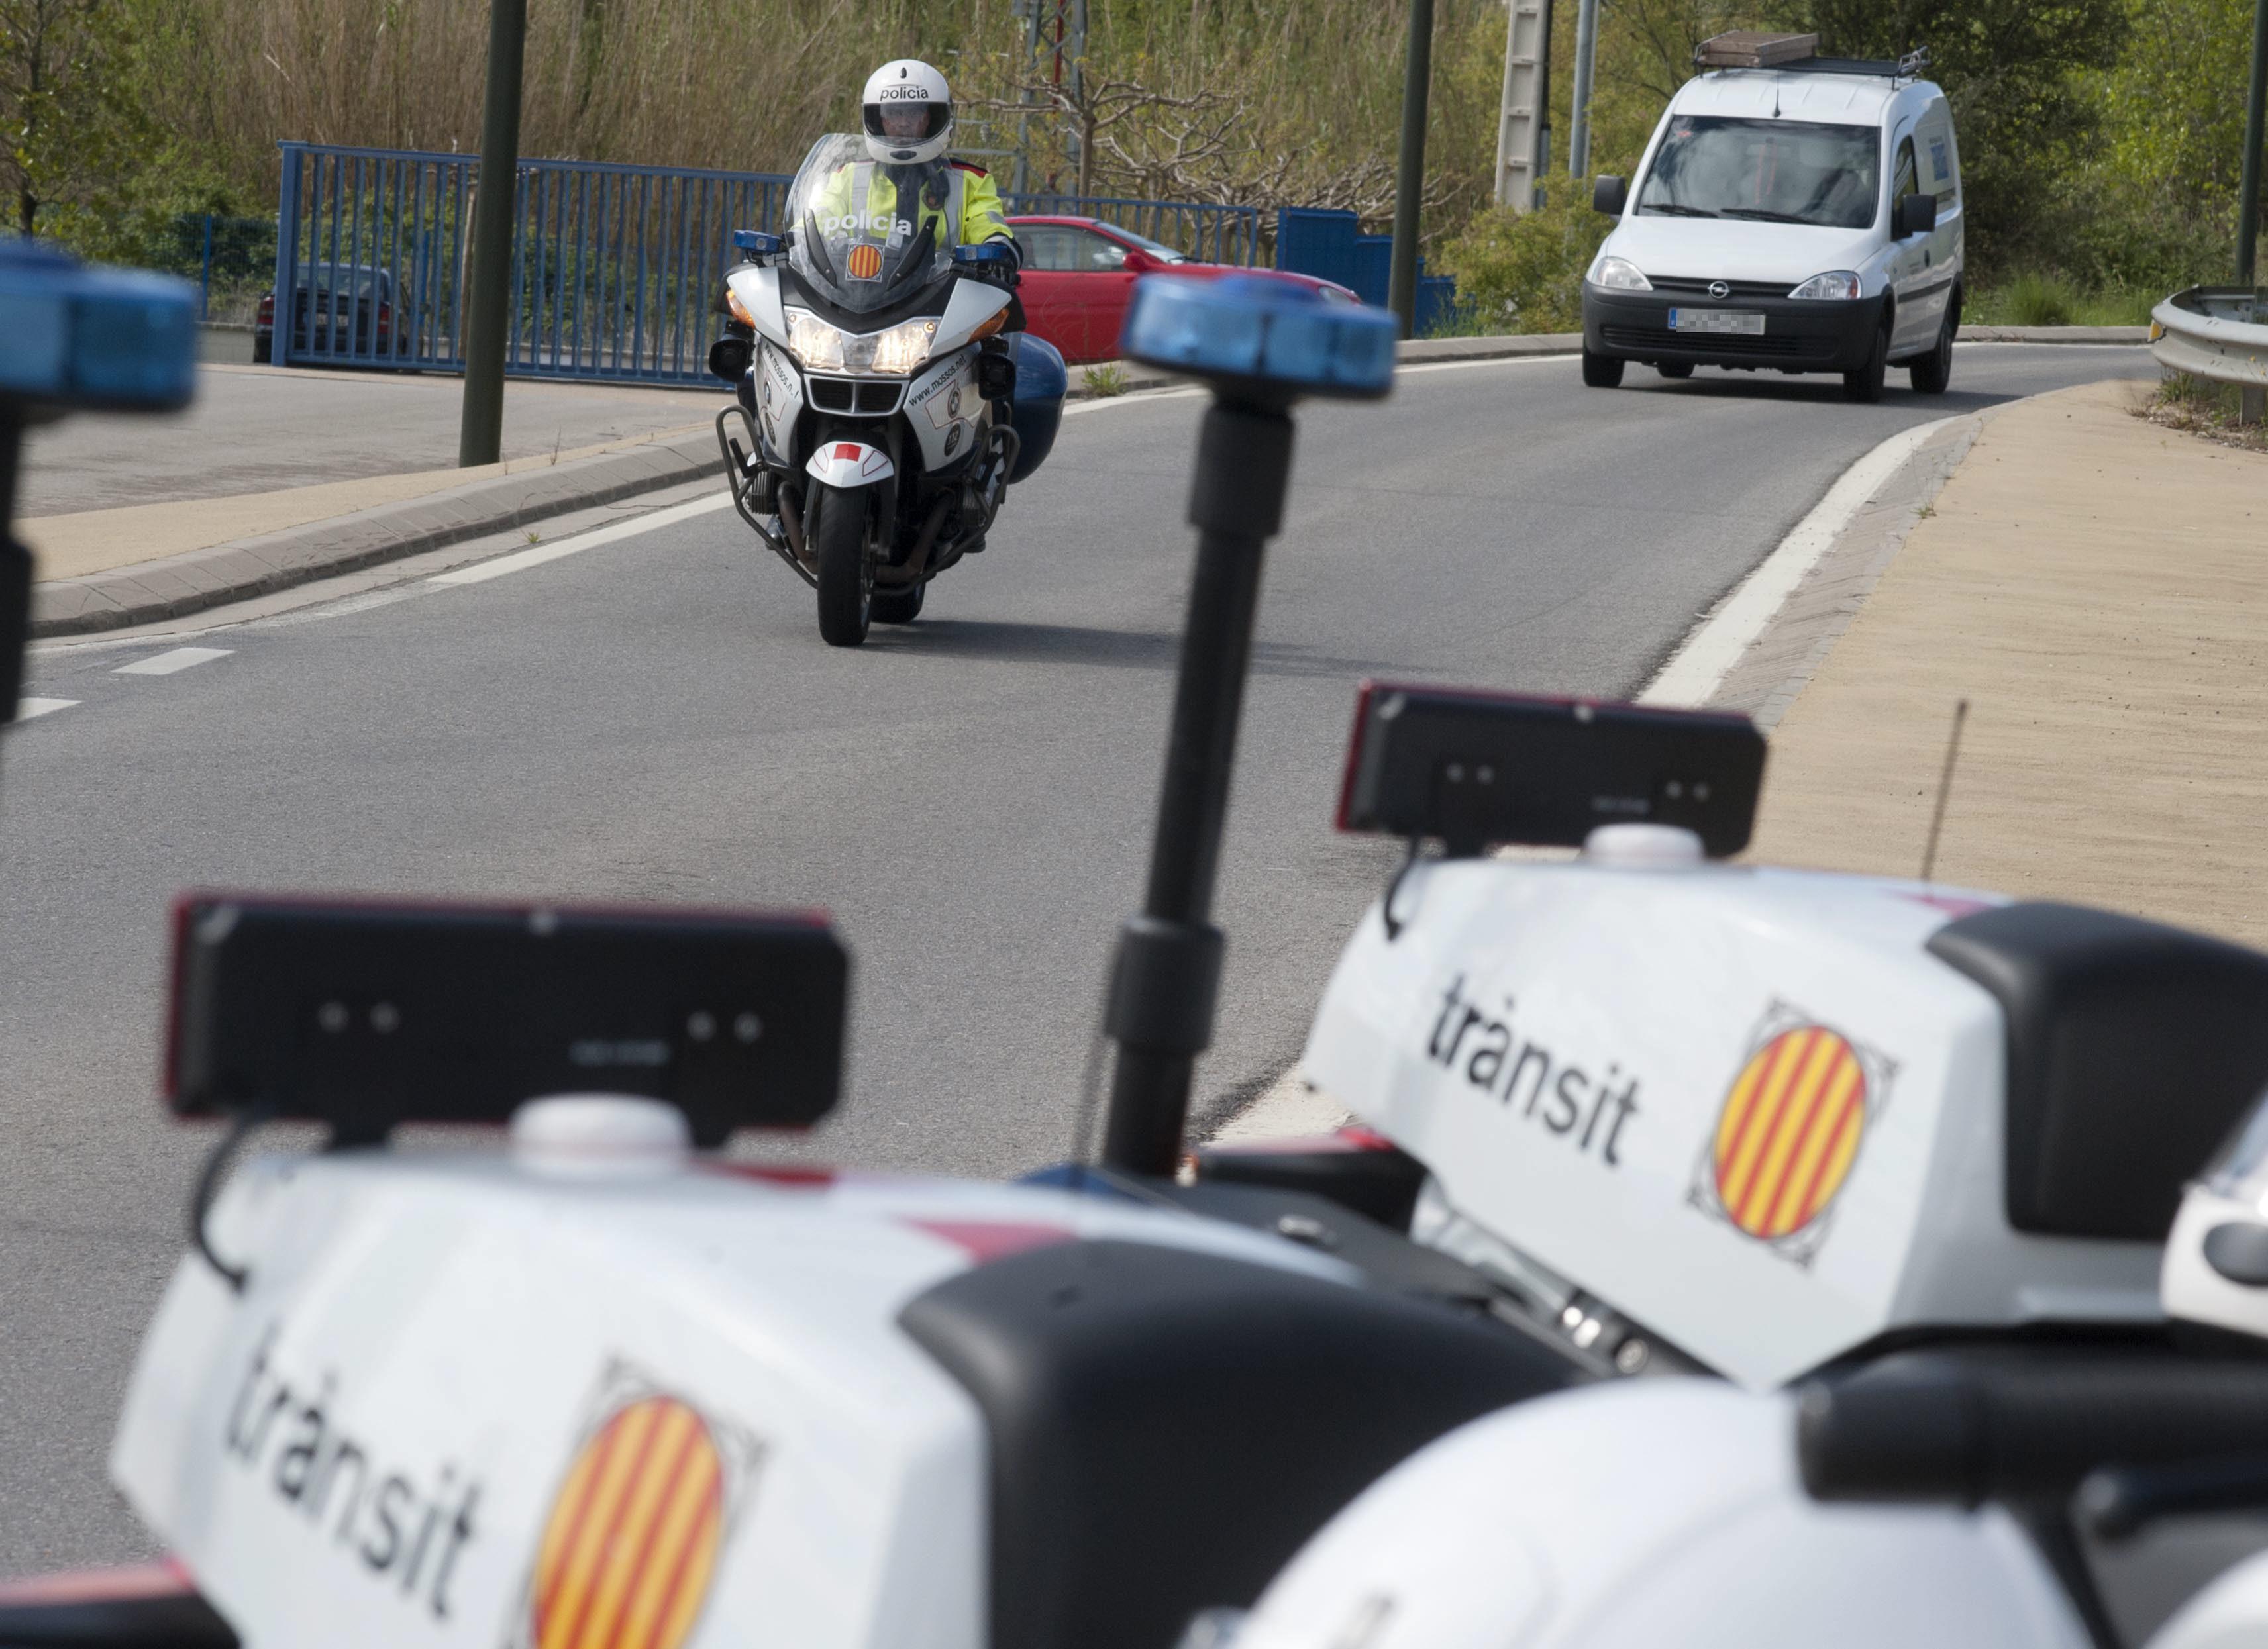 El jefe de Tráfico en Girona deja el cargo tras ser «cazado» a 160 km/h